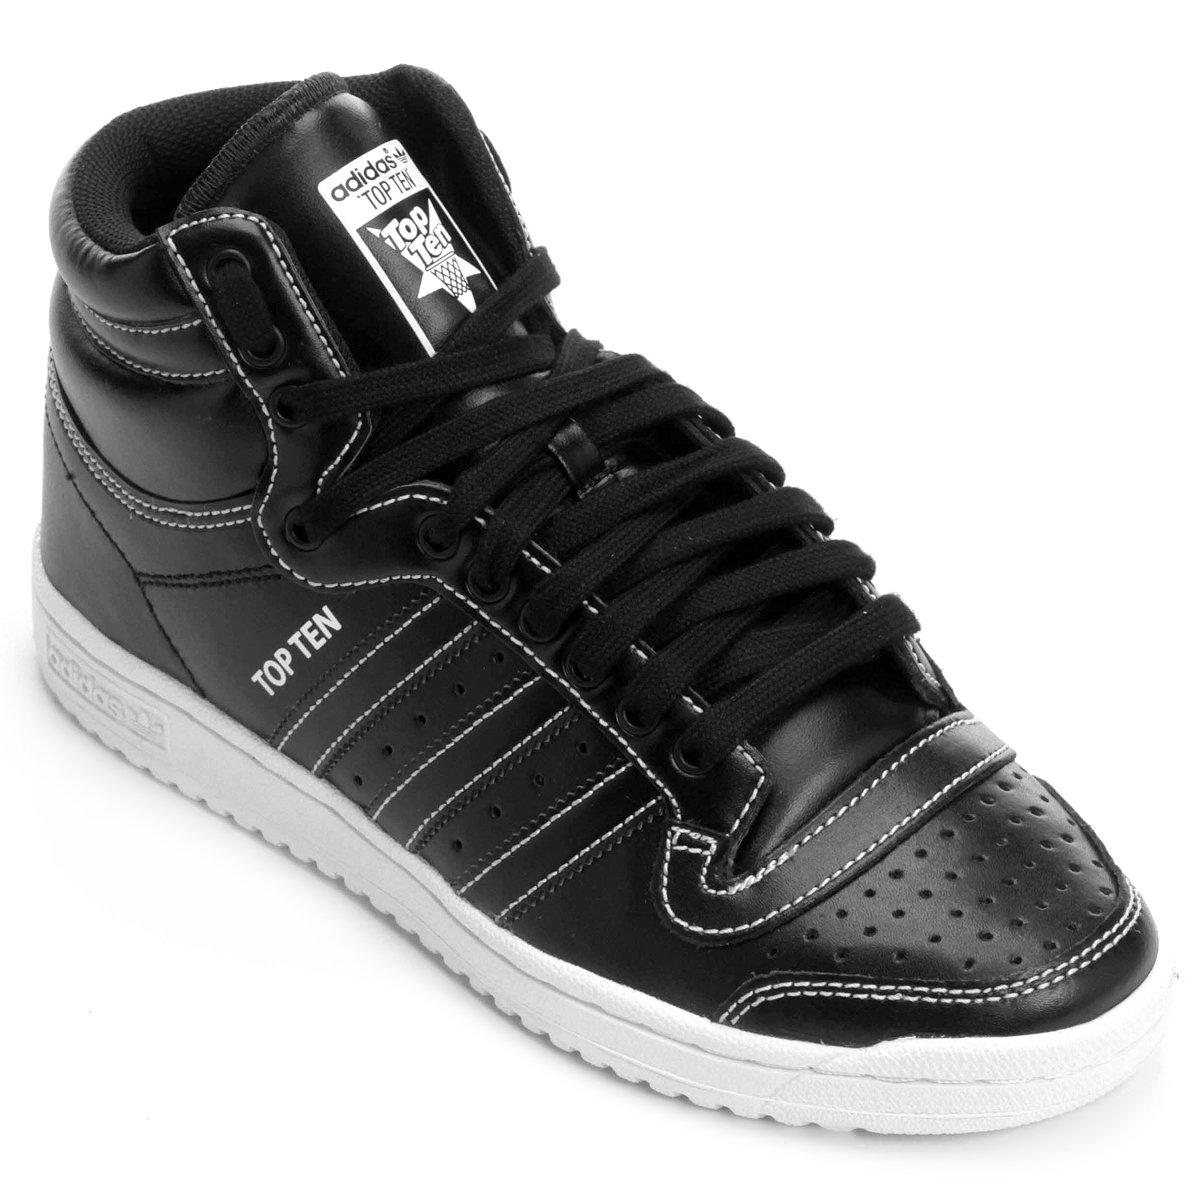 9e3770edeb1 Tênis Adidas Top Ten - Compre Agora